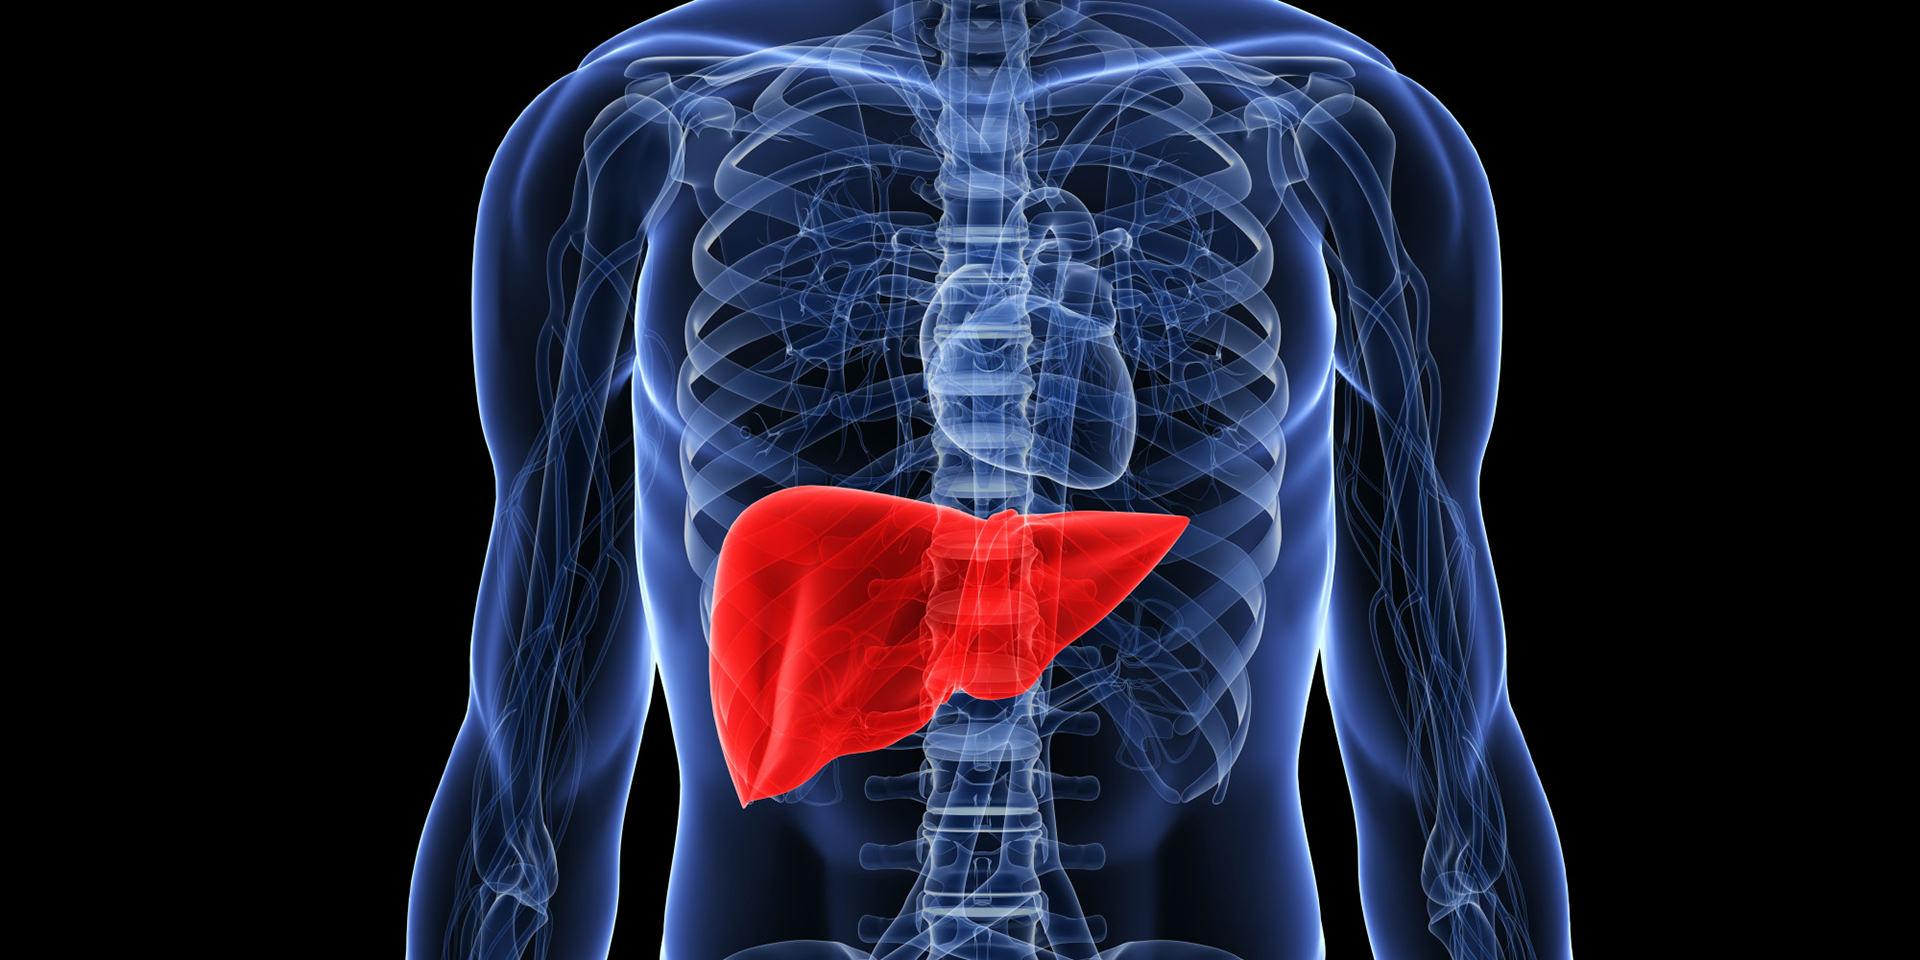 organovo-3d-liver-tissue-3